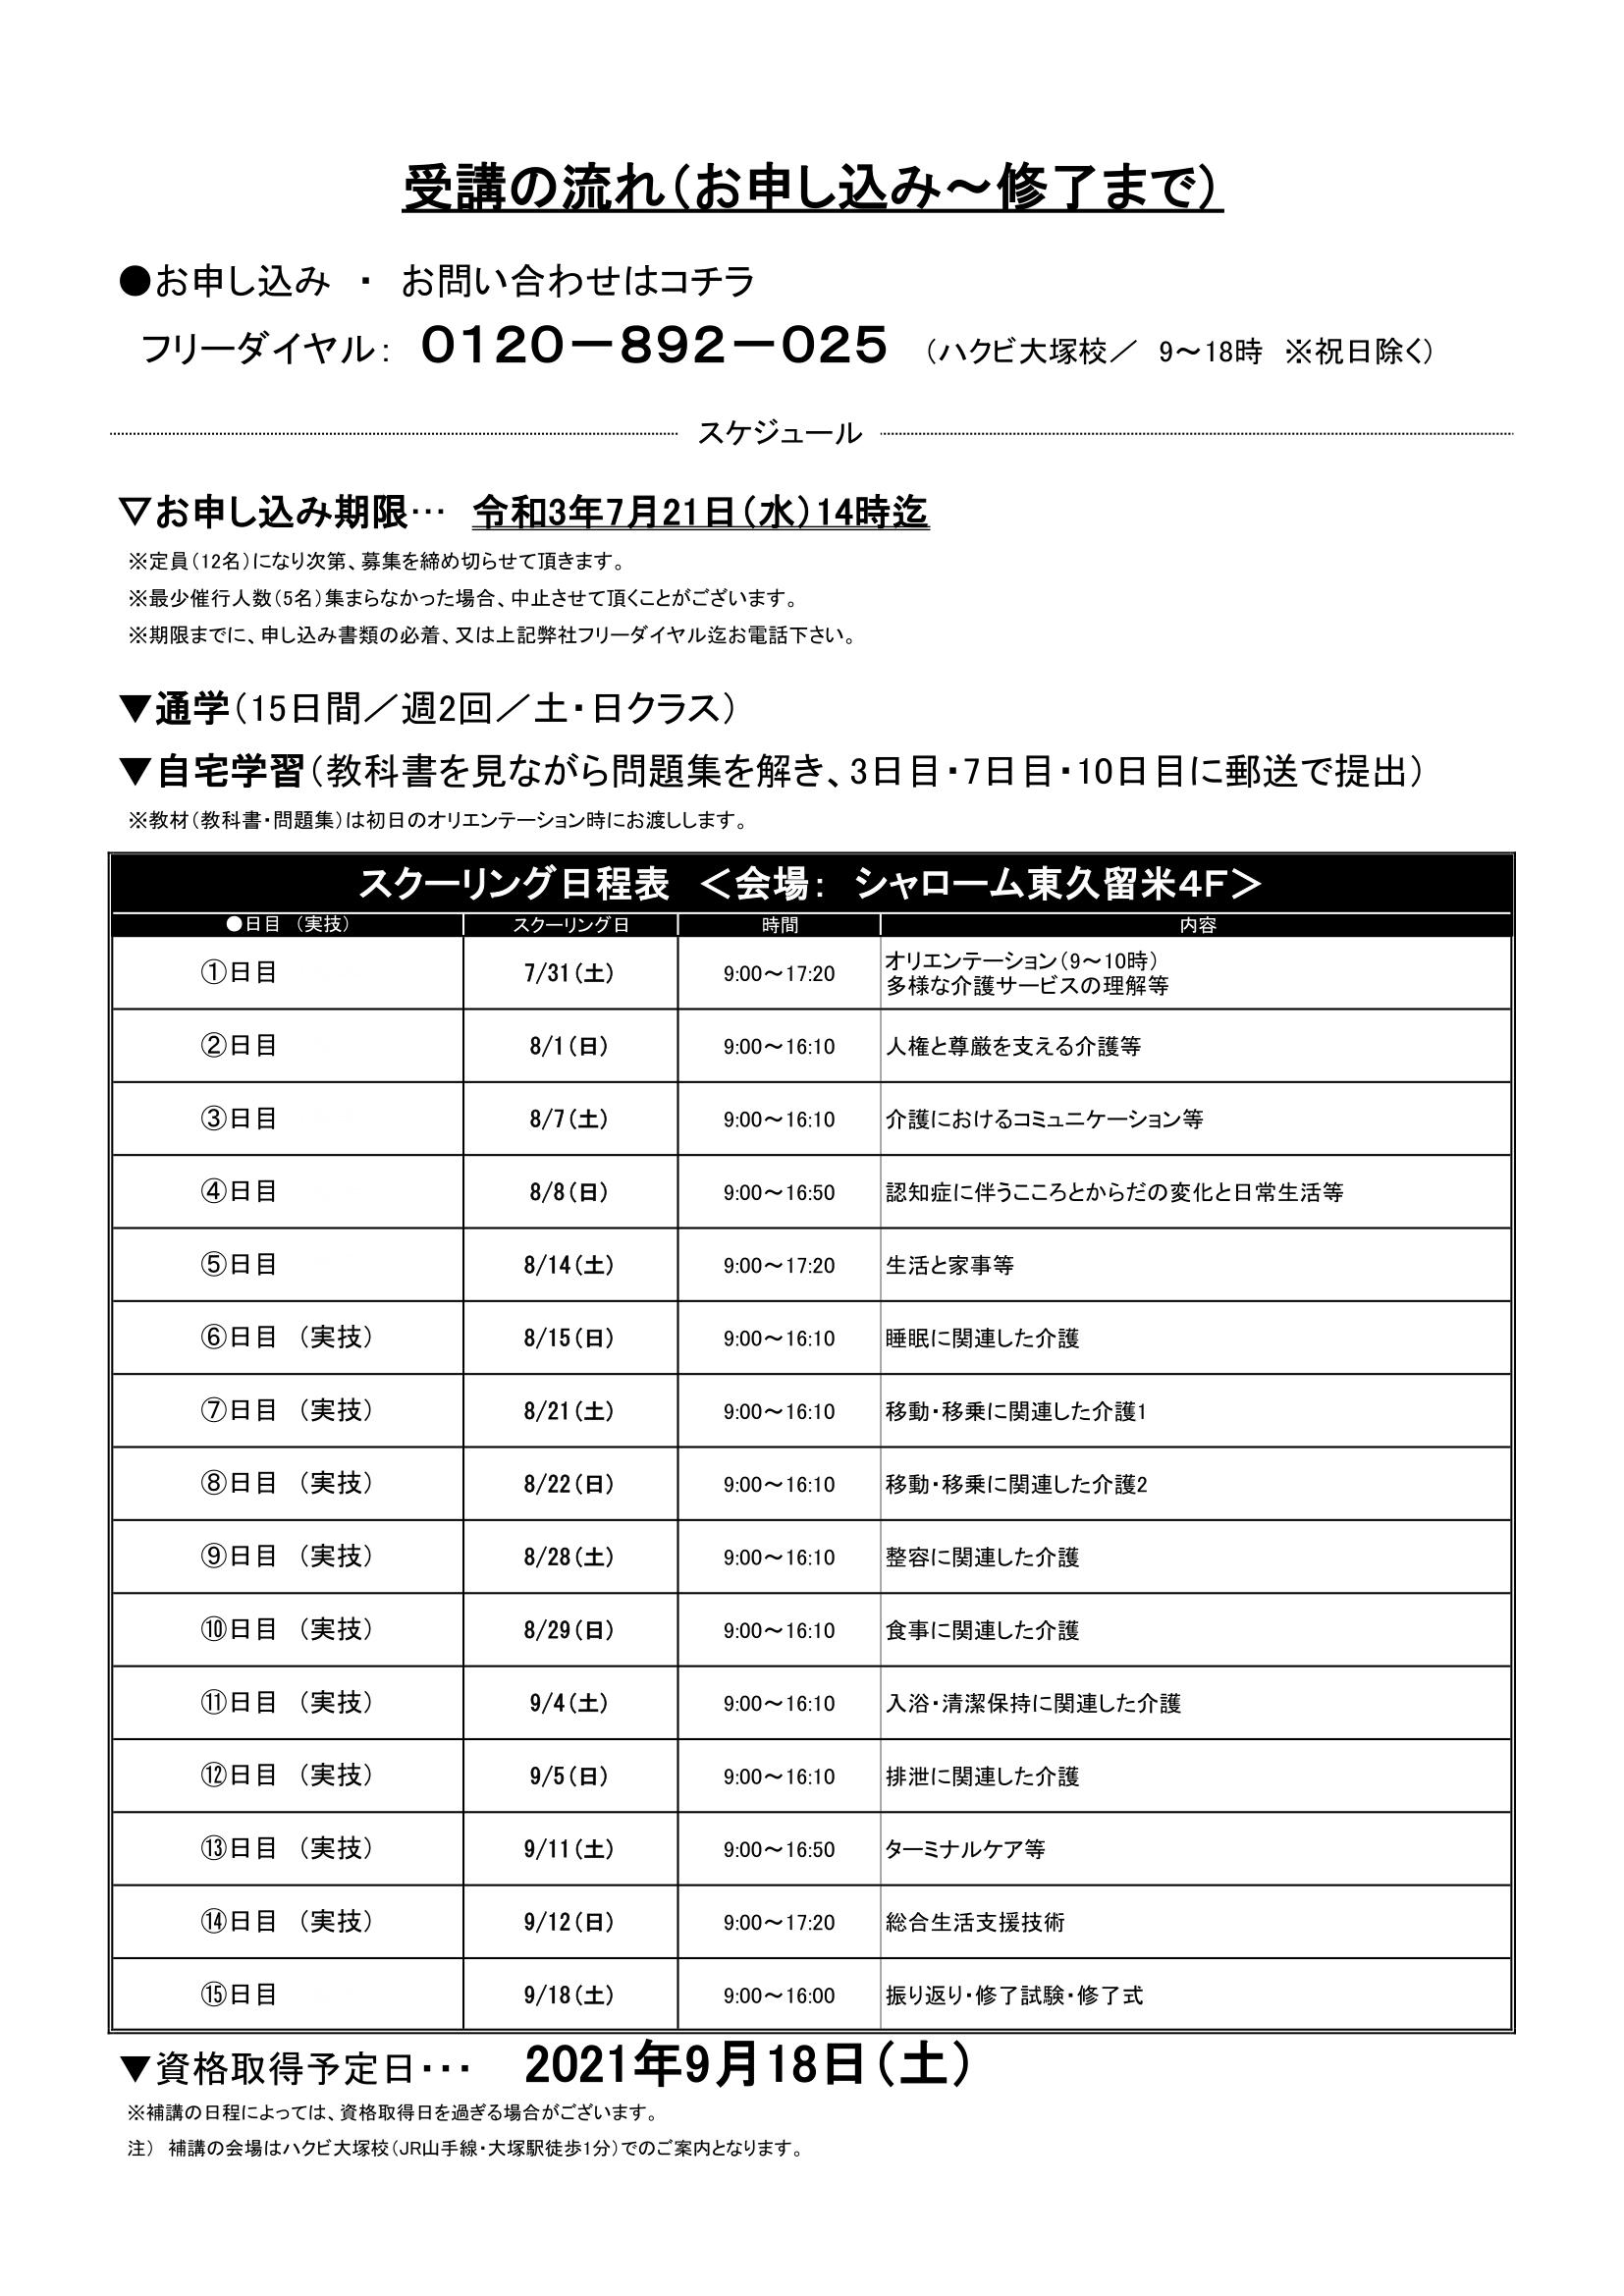 蛻昜ササ閠・比ソョ・医ワ繧ッ繝難シ・10414-2